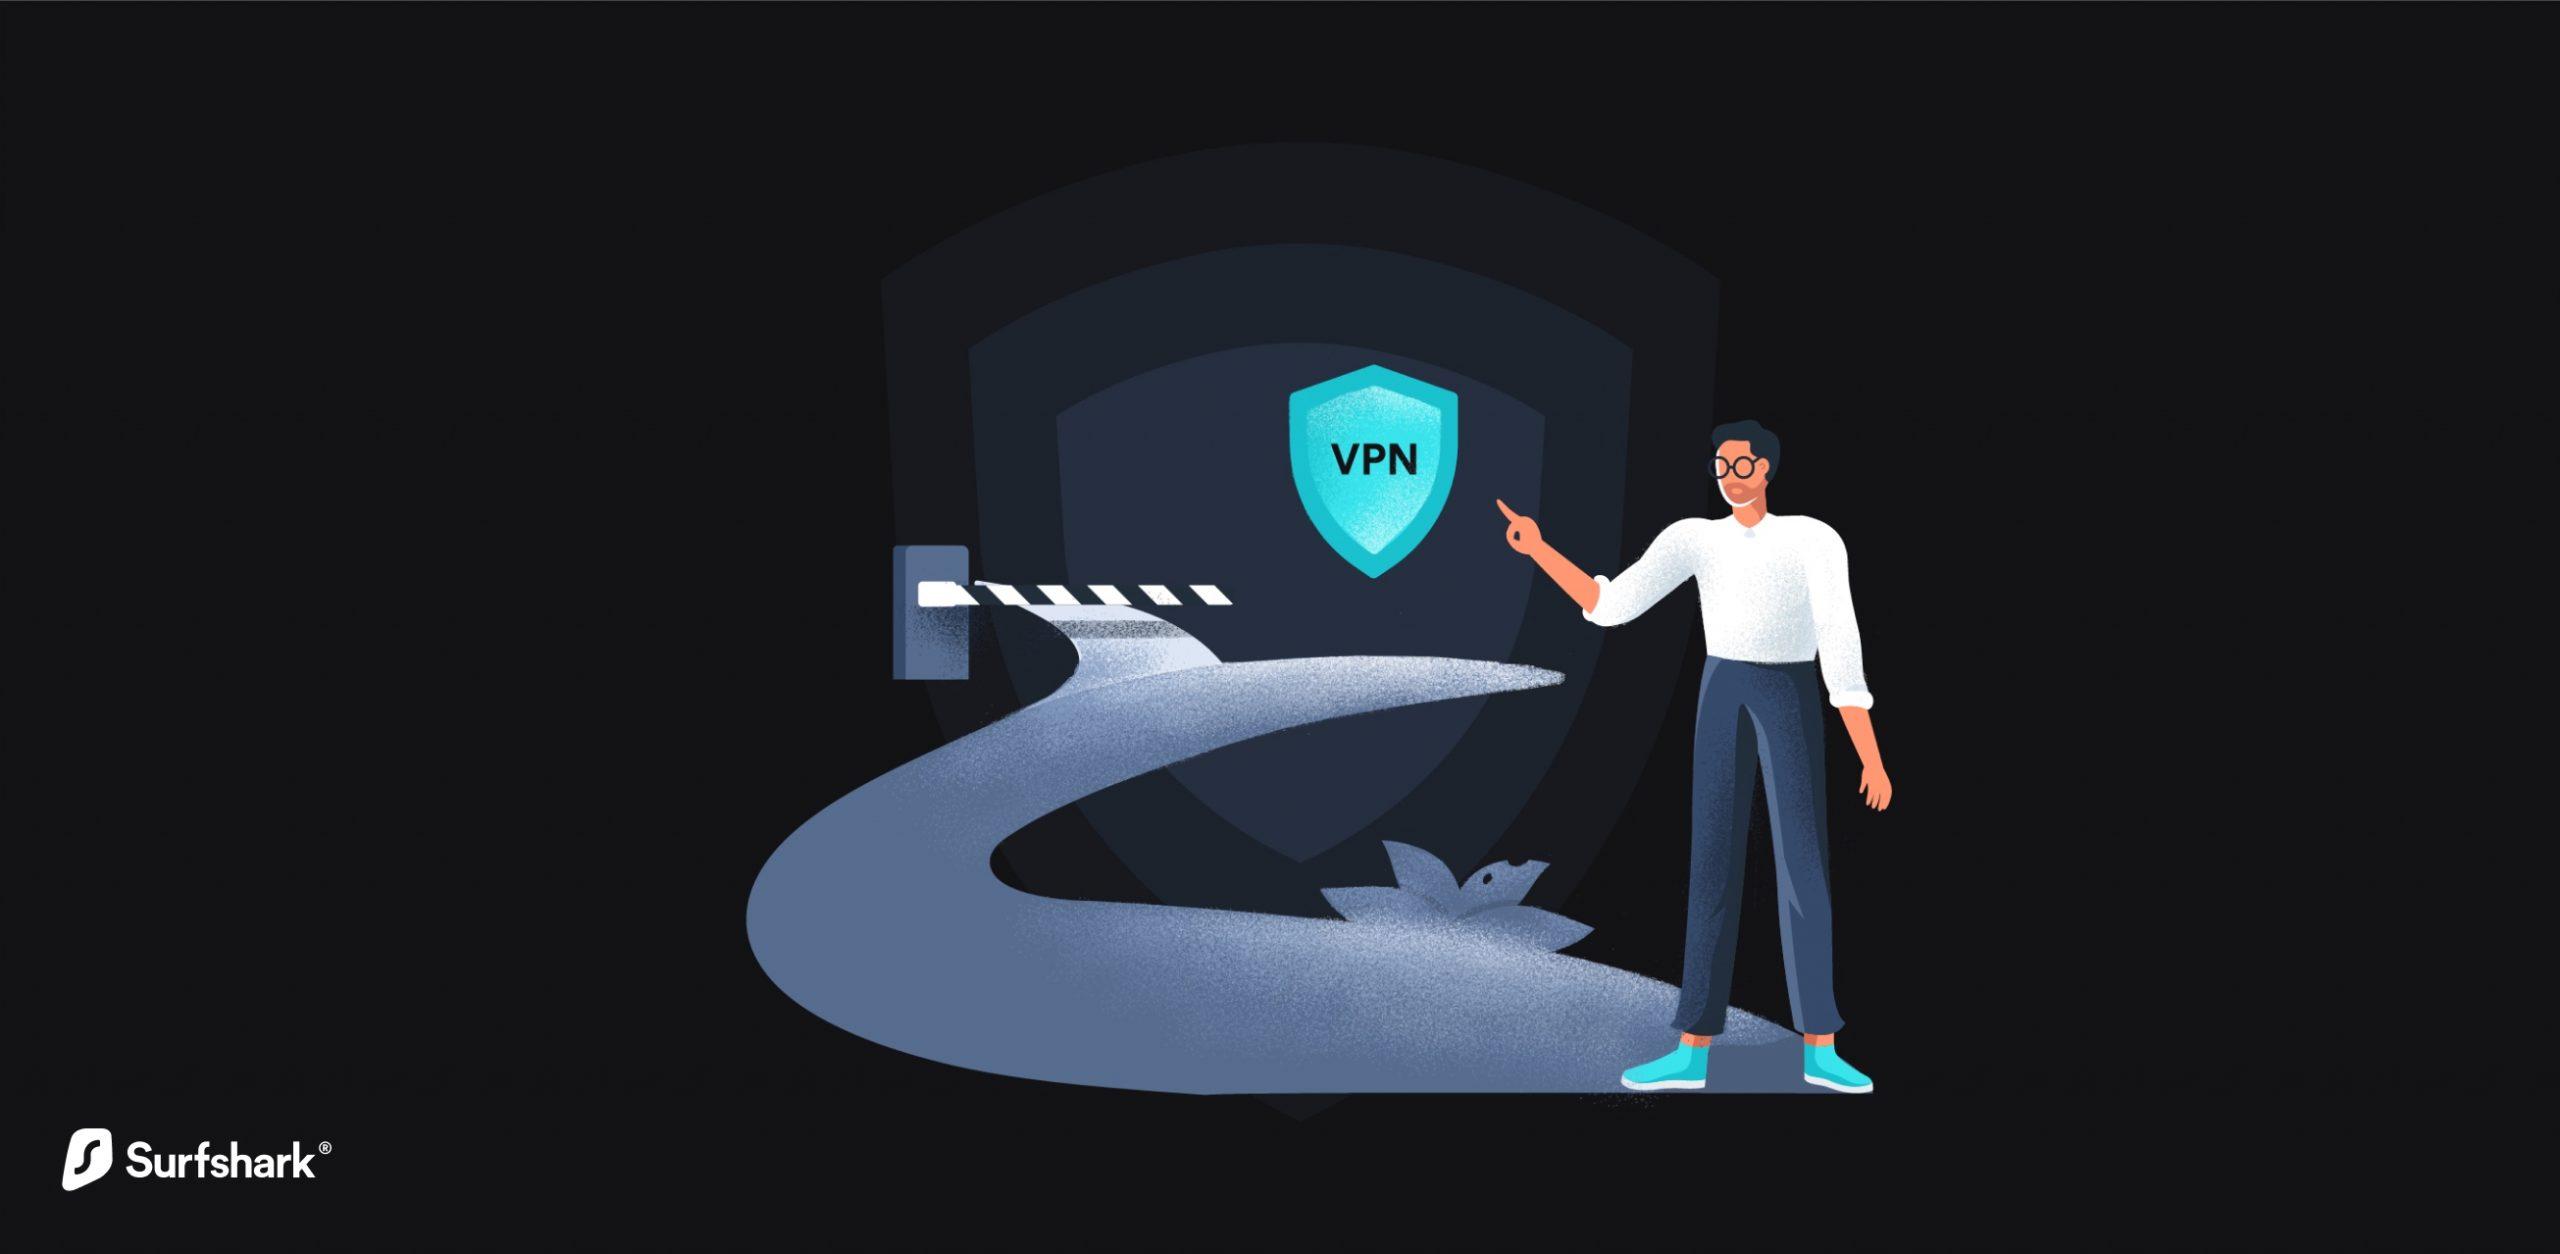 Surfshark VPN Passthrough graphic